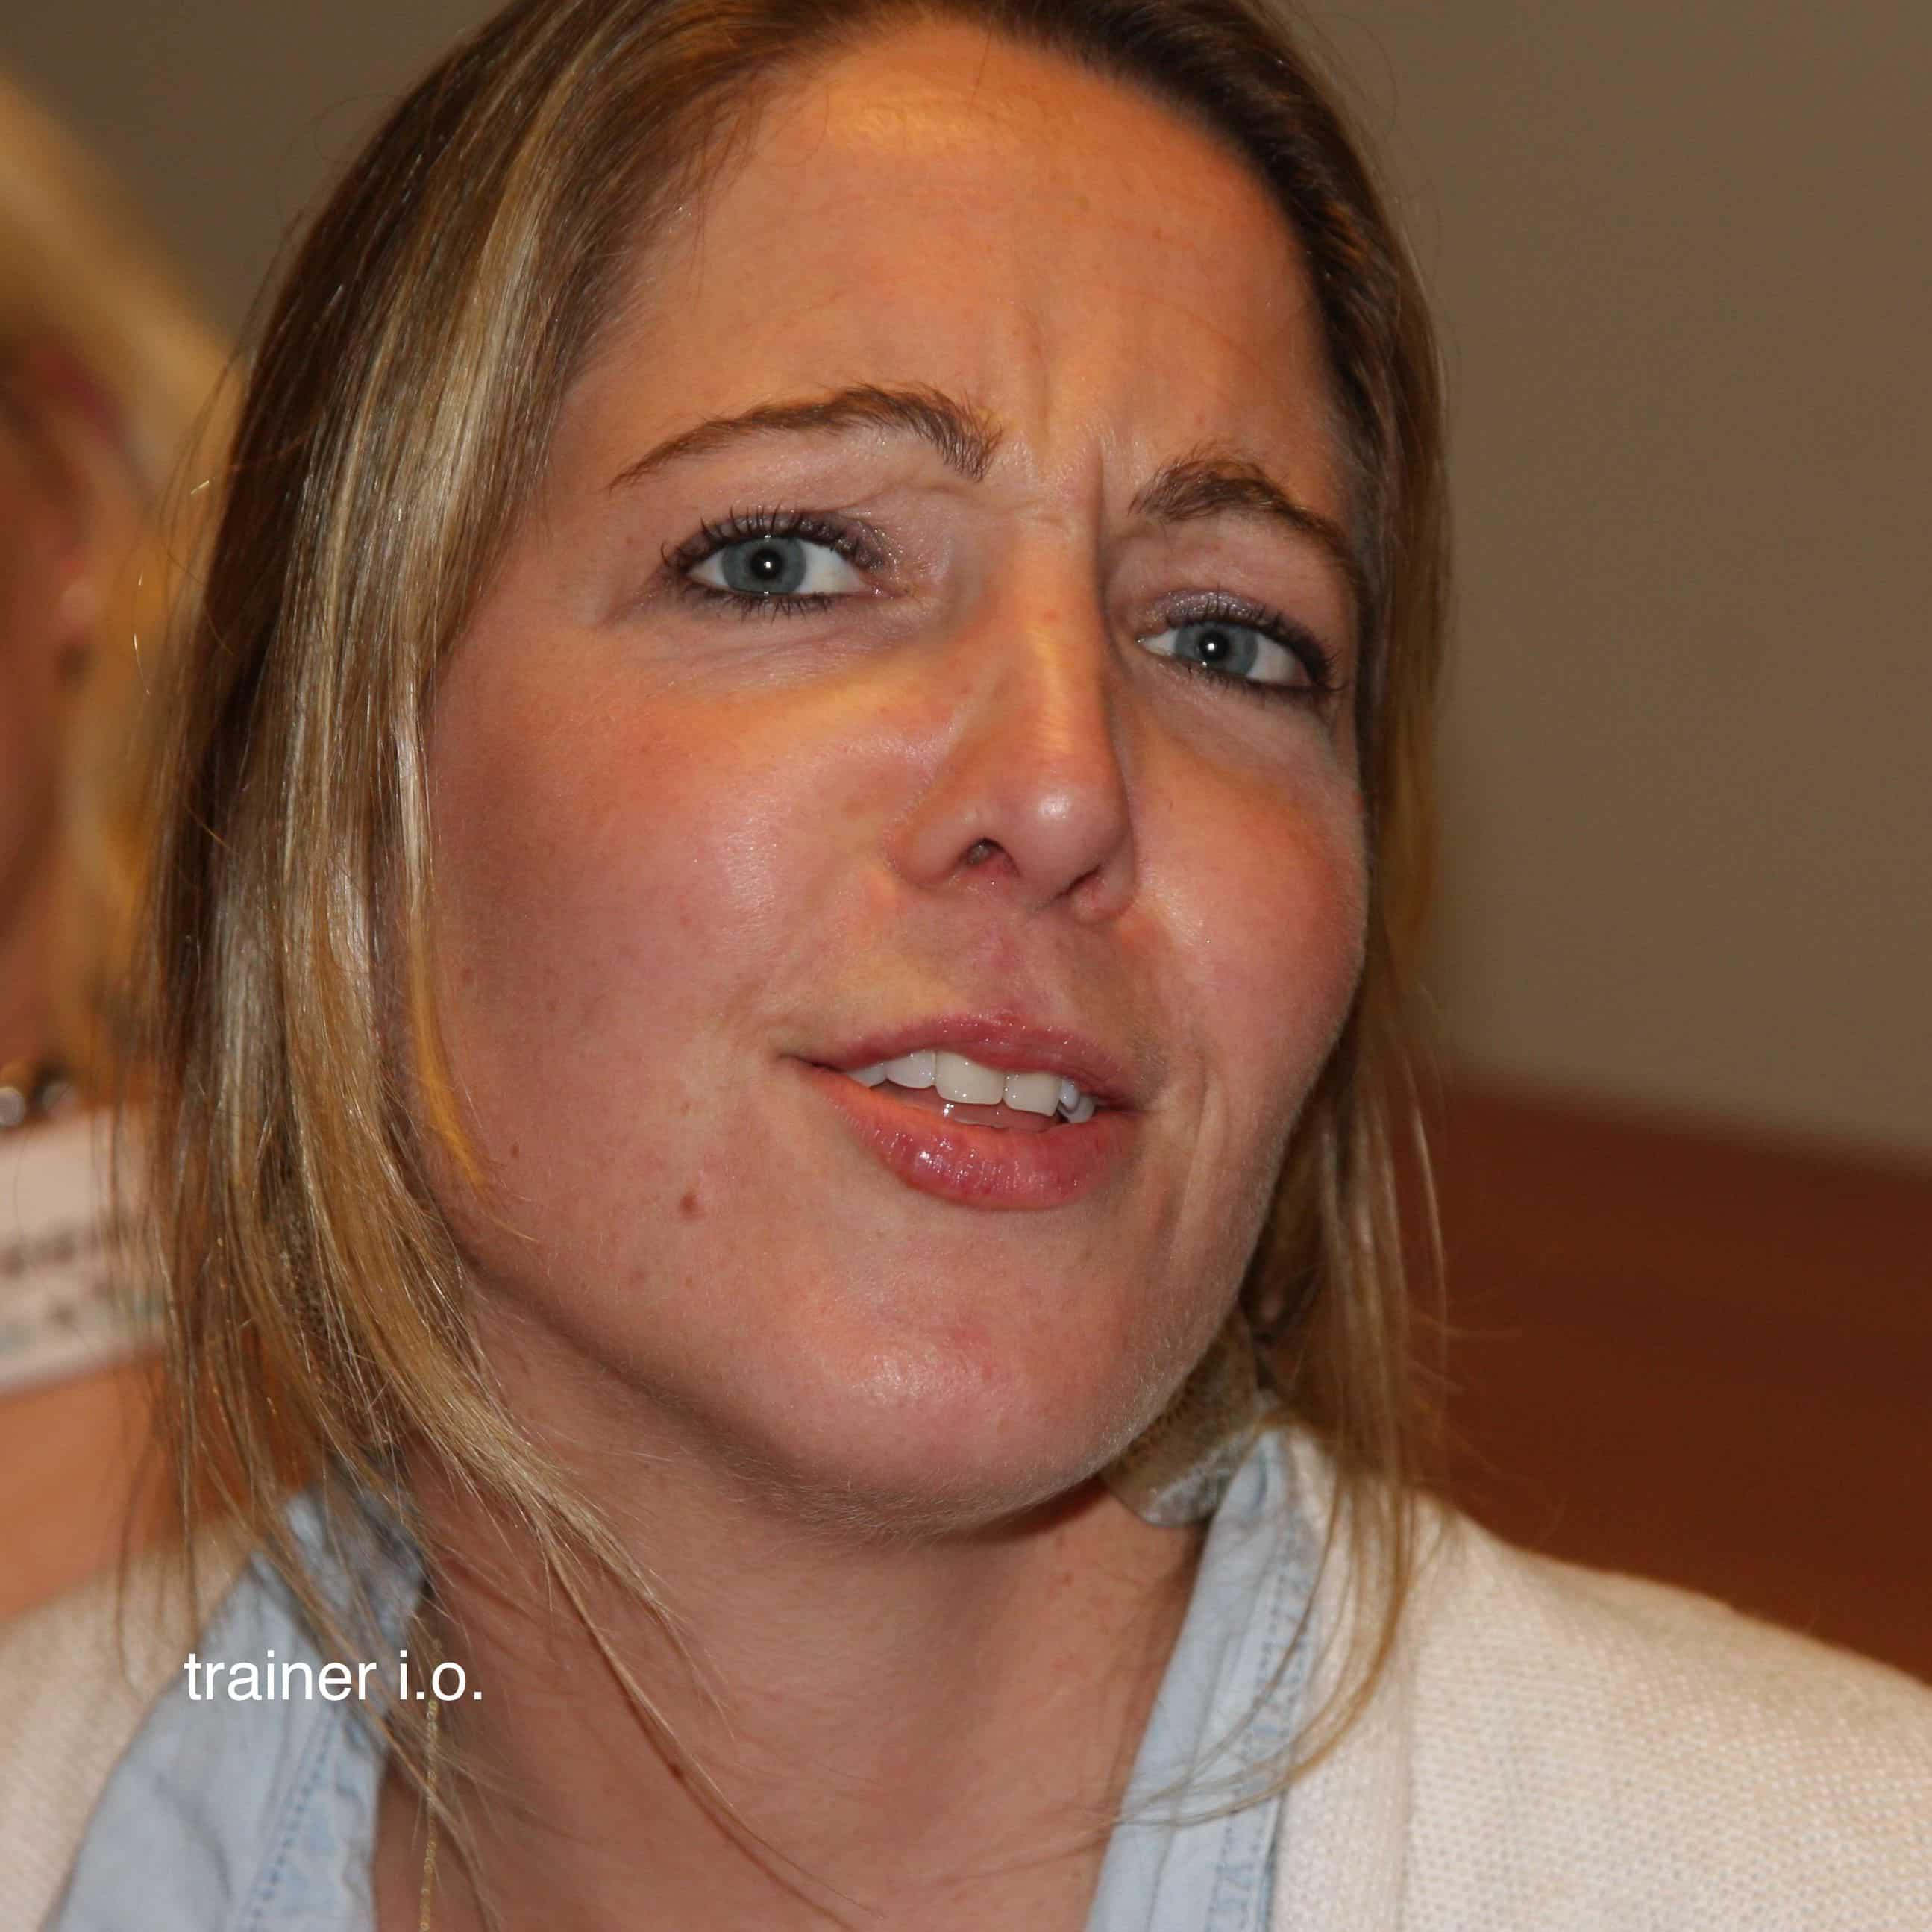 Anne Marie Kattenberg